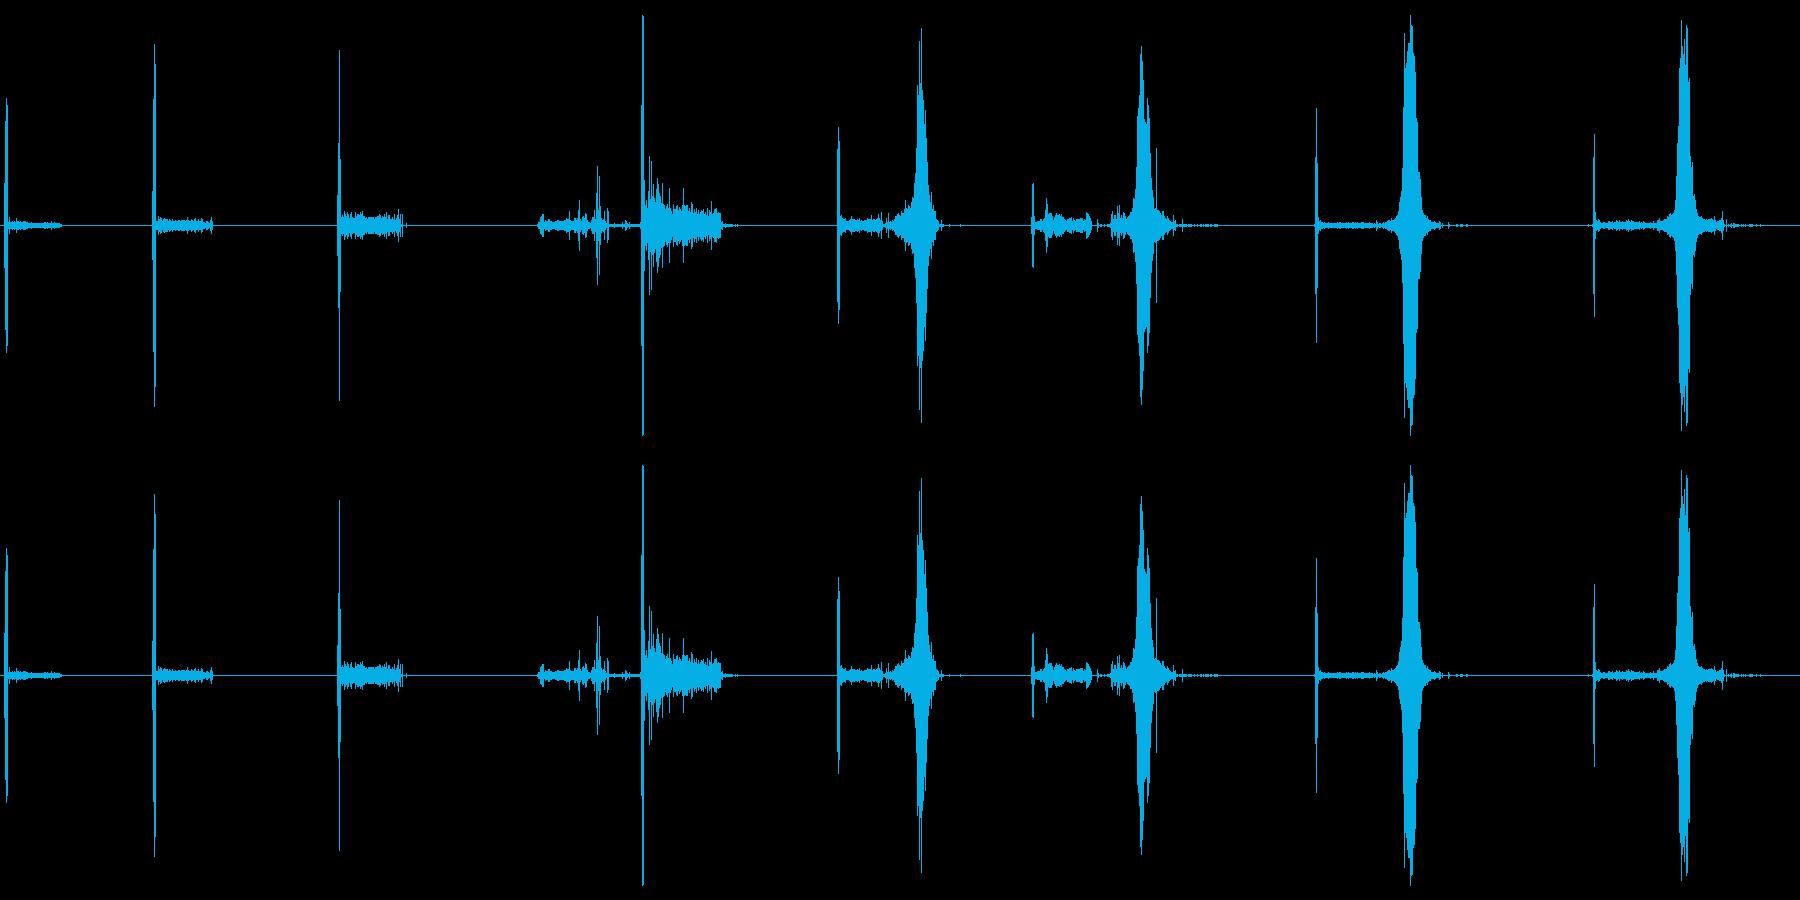 マッチ、イグナイト、ファイアー、エ...の再生済みの波形